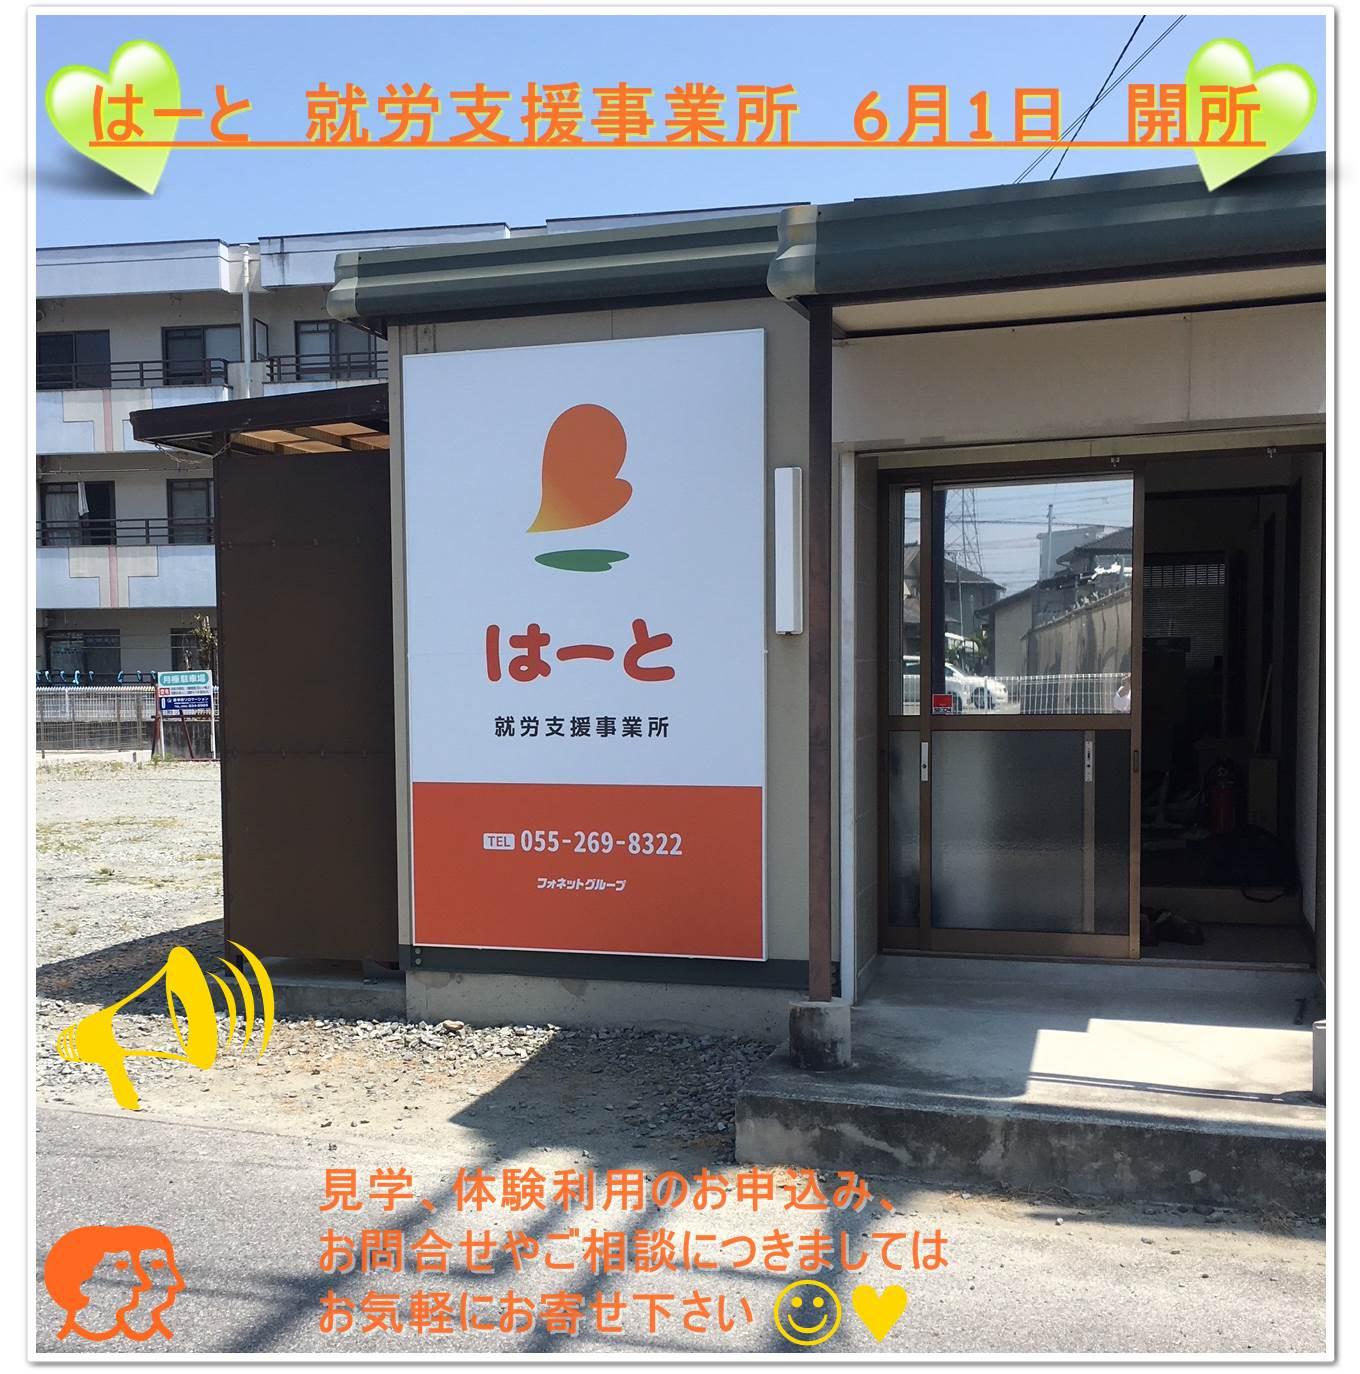 『 就労継続支援B型事業所「はーと」が、平成30年6月1日(金)開所致します!!! 』